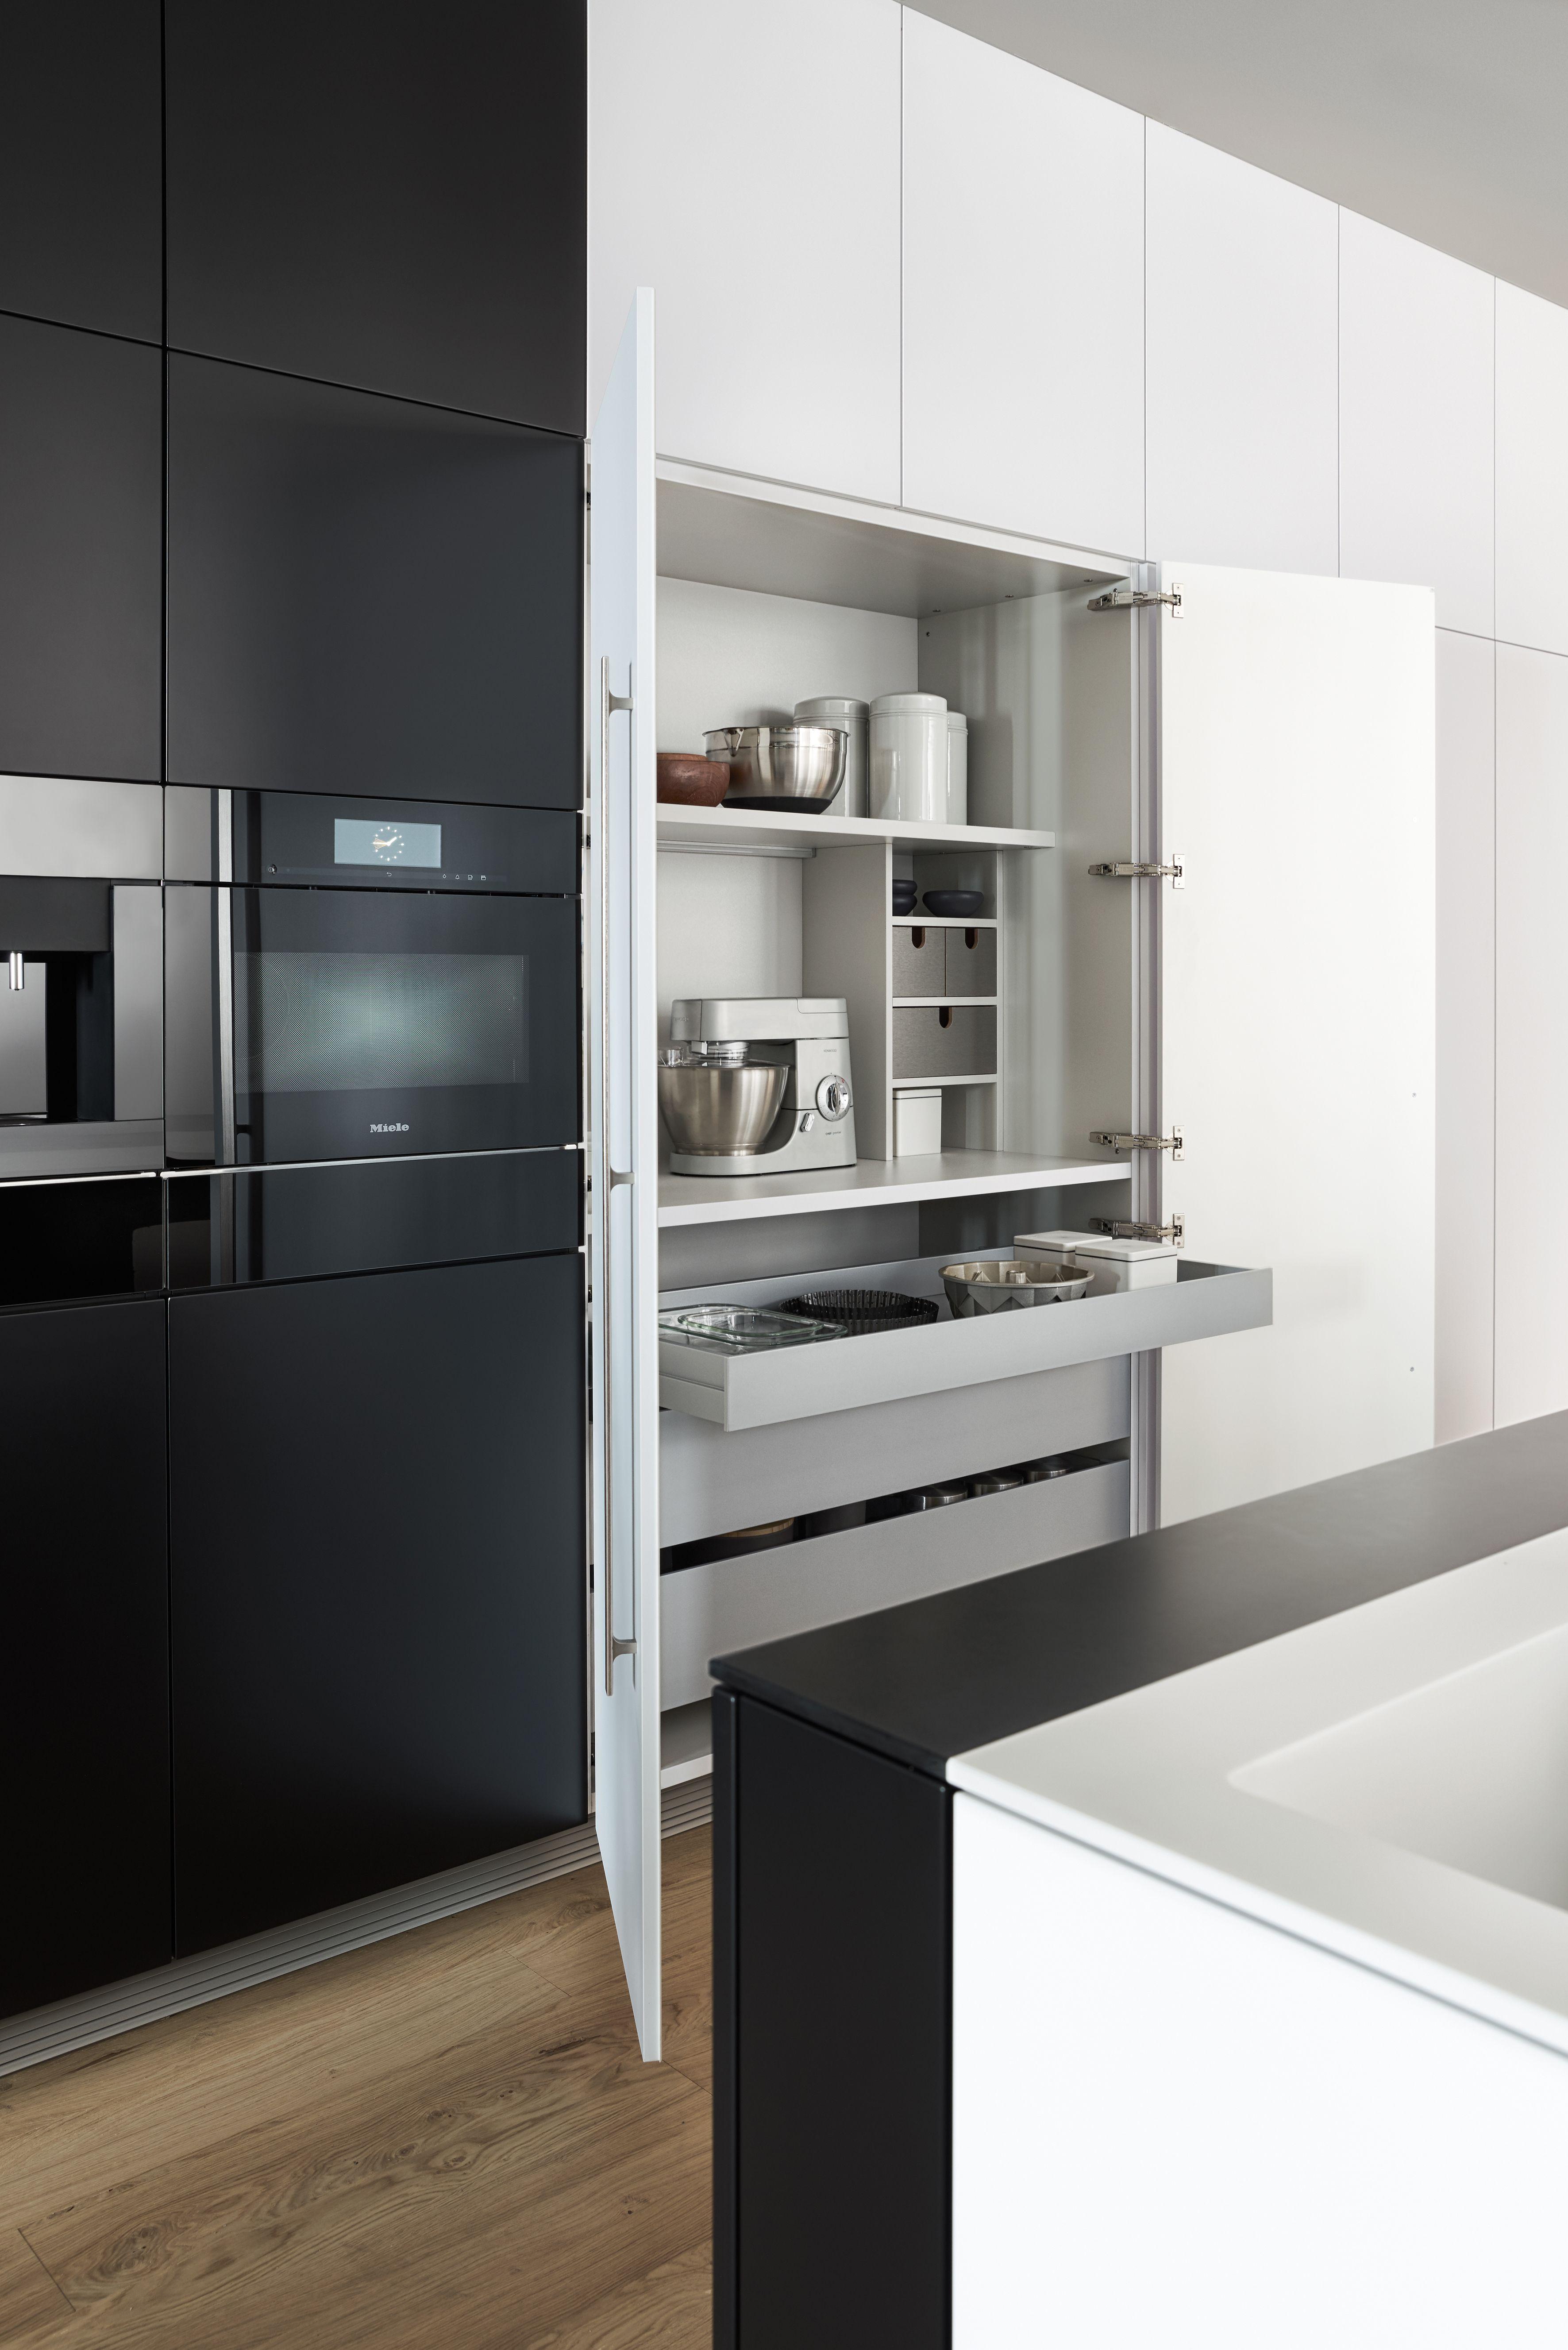 warum bei k chenschr nken auf die qualit t geachtet werden sollte inspirierende k chenschr nke. Black Bedroom Furniture Sets. Home Design Ideas